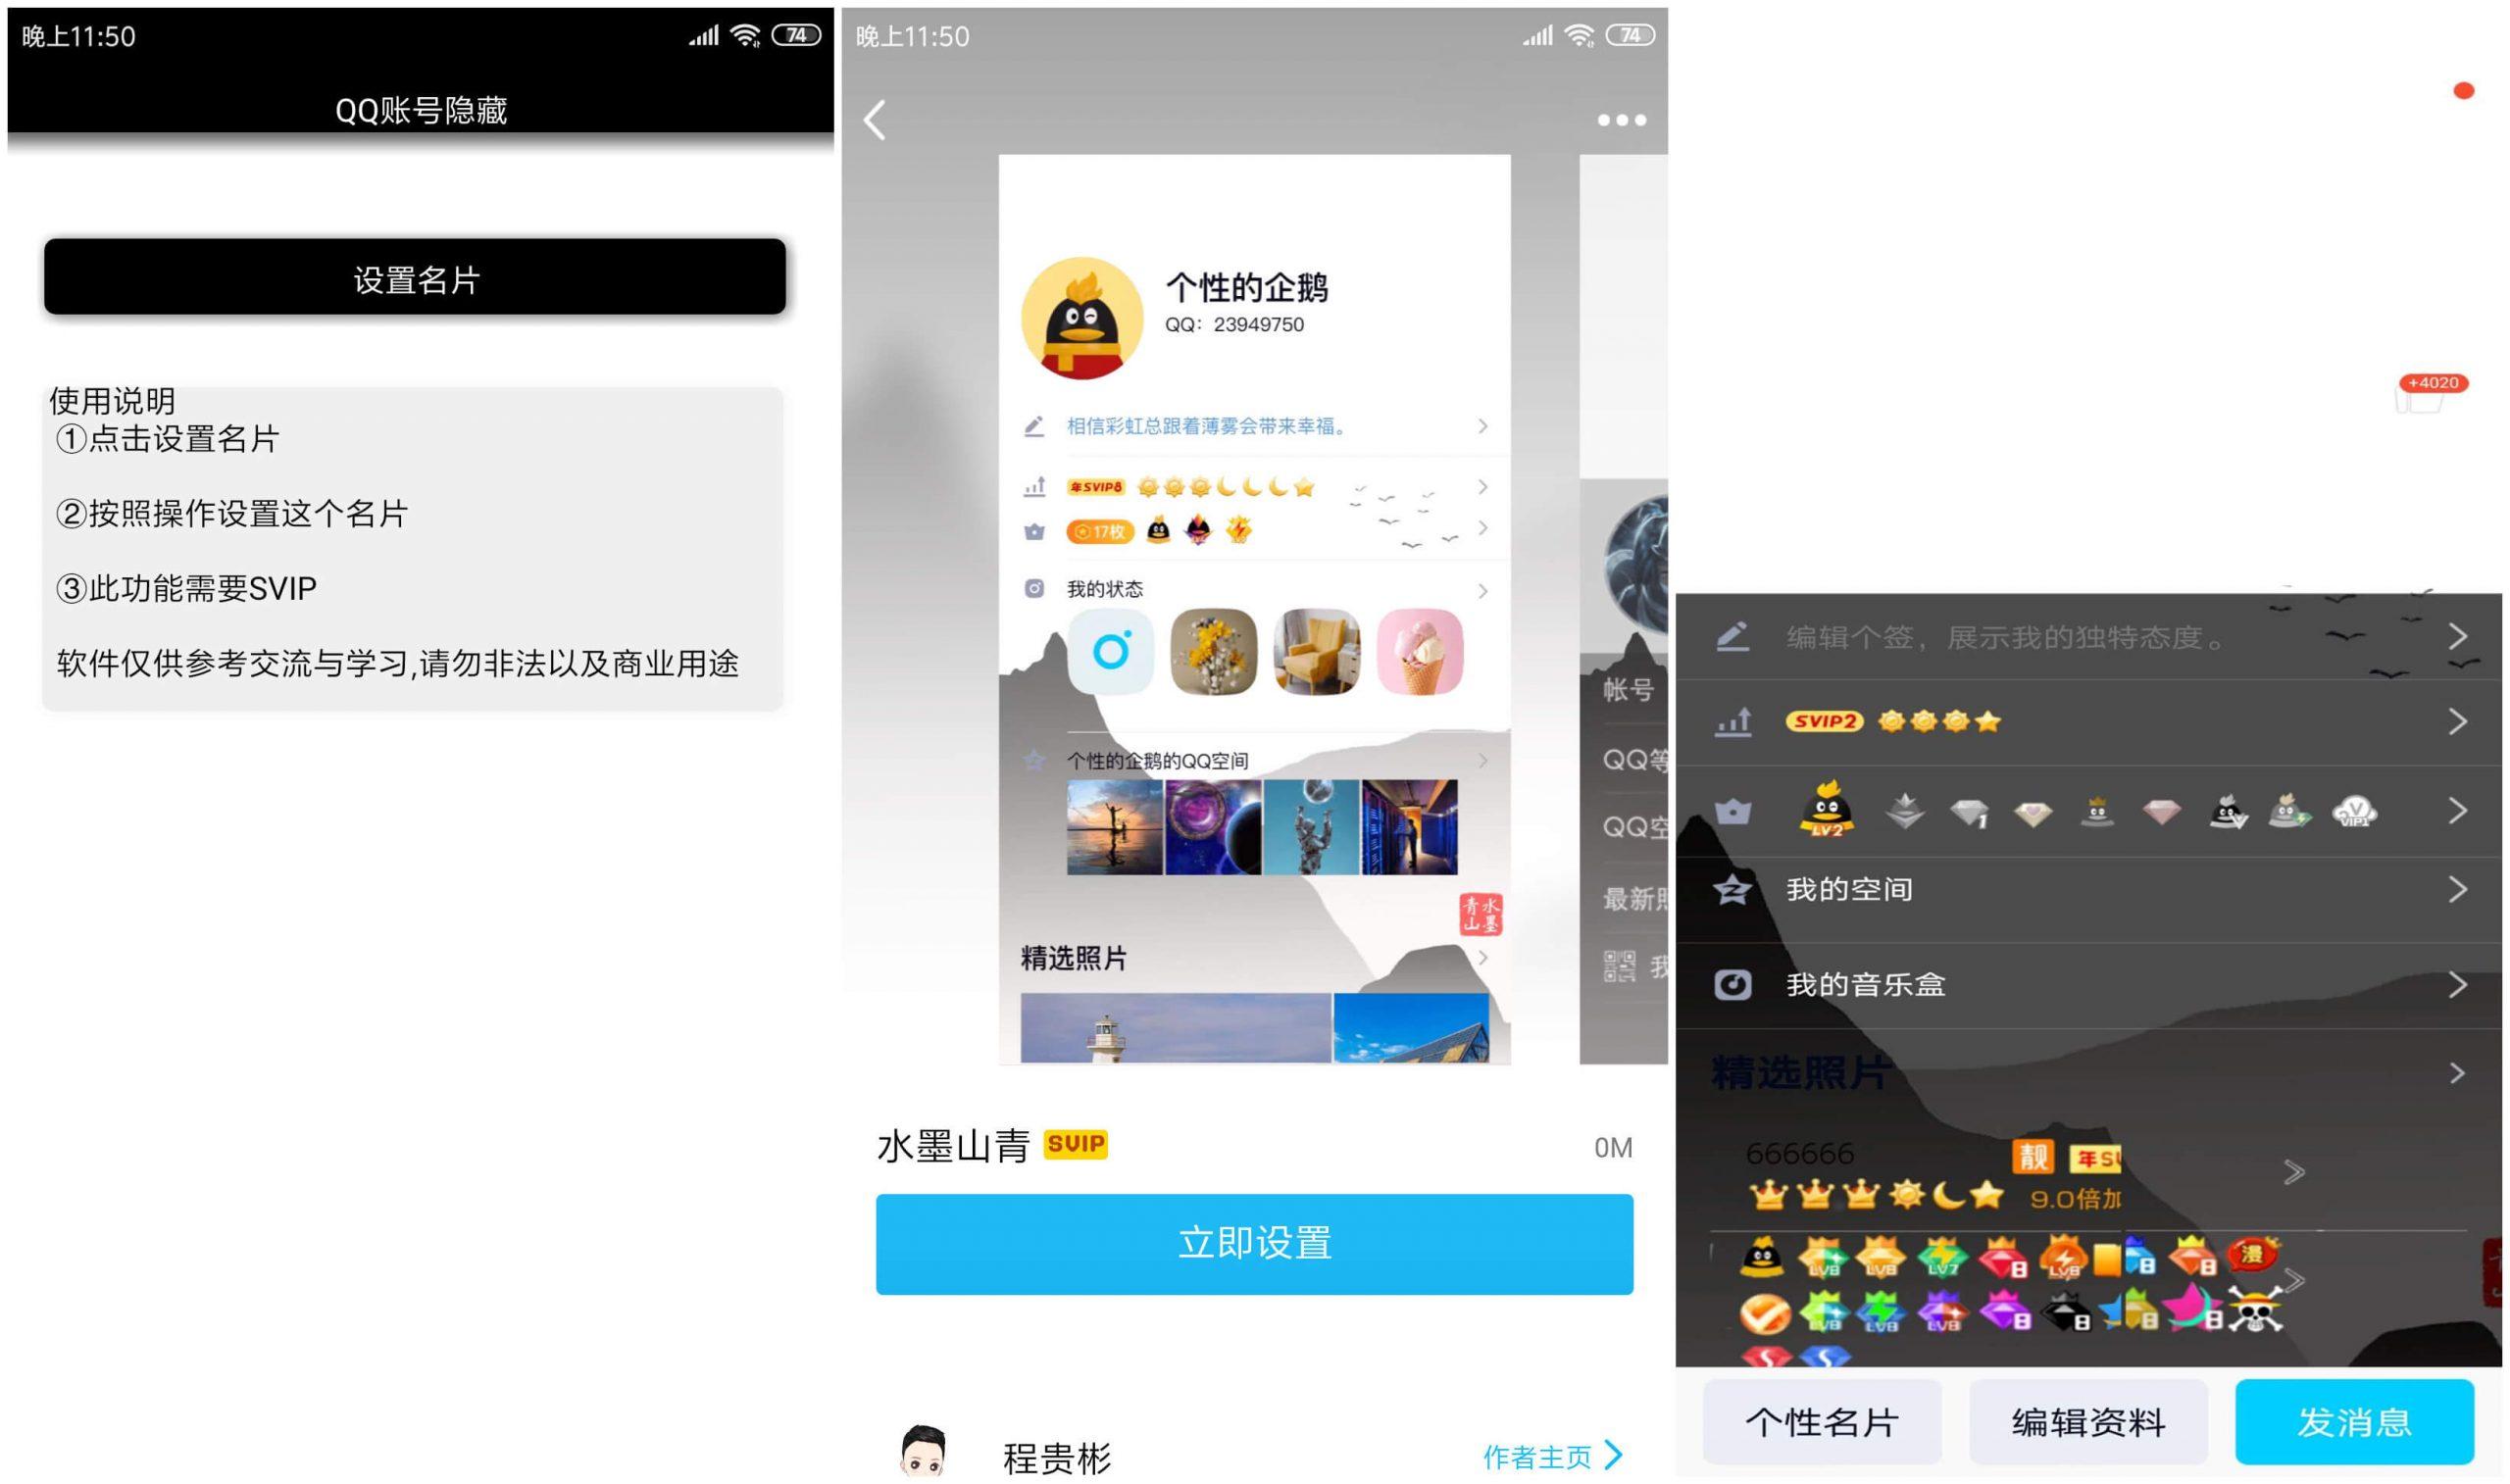 2020隐藏QQ账号资料卡  配合透明头像更新奇